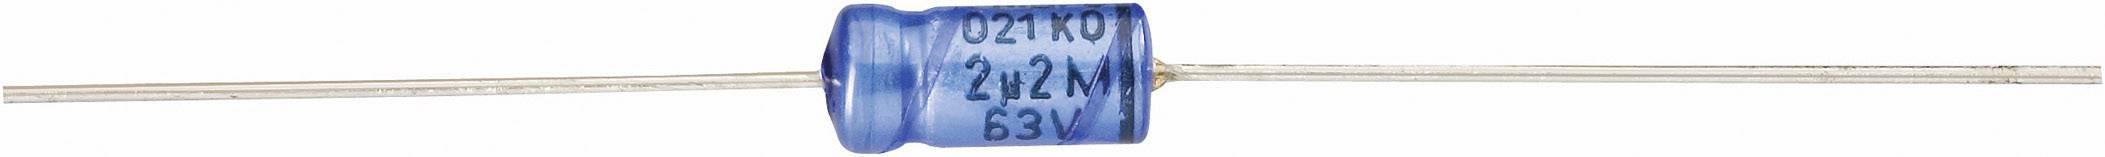 Elektrolytický kondenzátor Vishay 2222 021 27102, axiálne vývody, 1000 µF, 40 V, 20 %, 1 ks